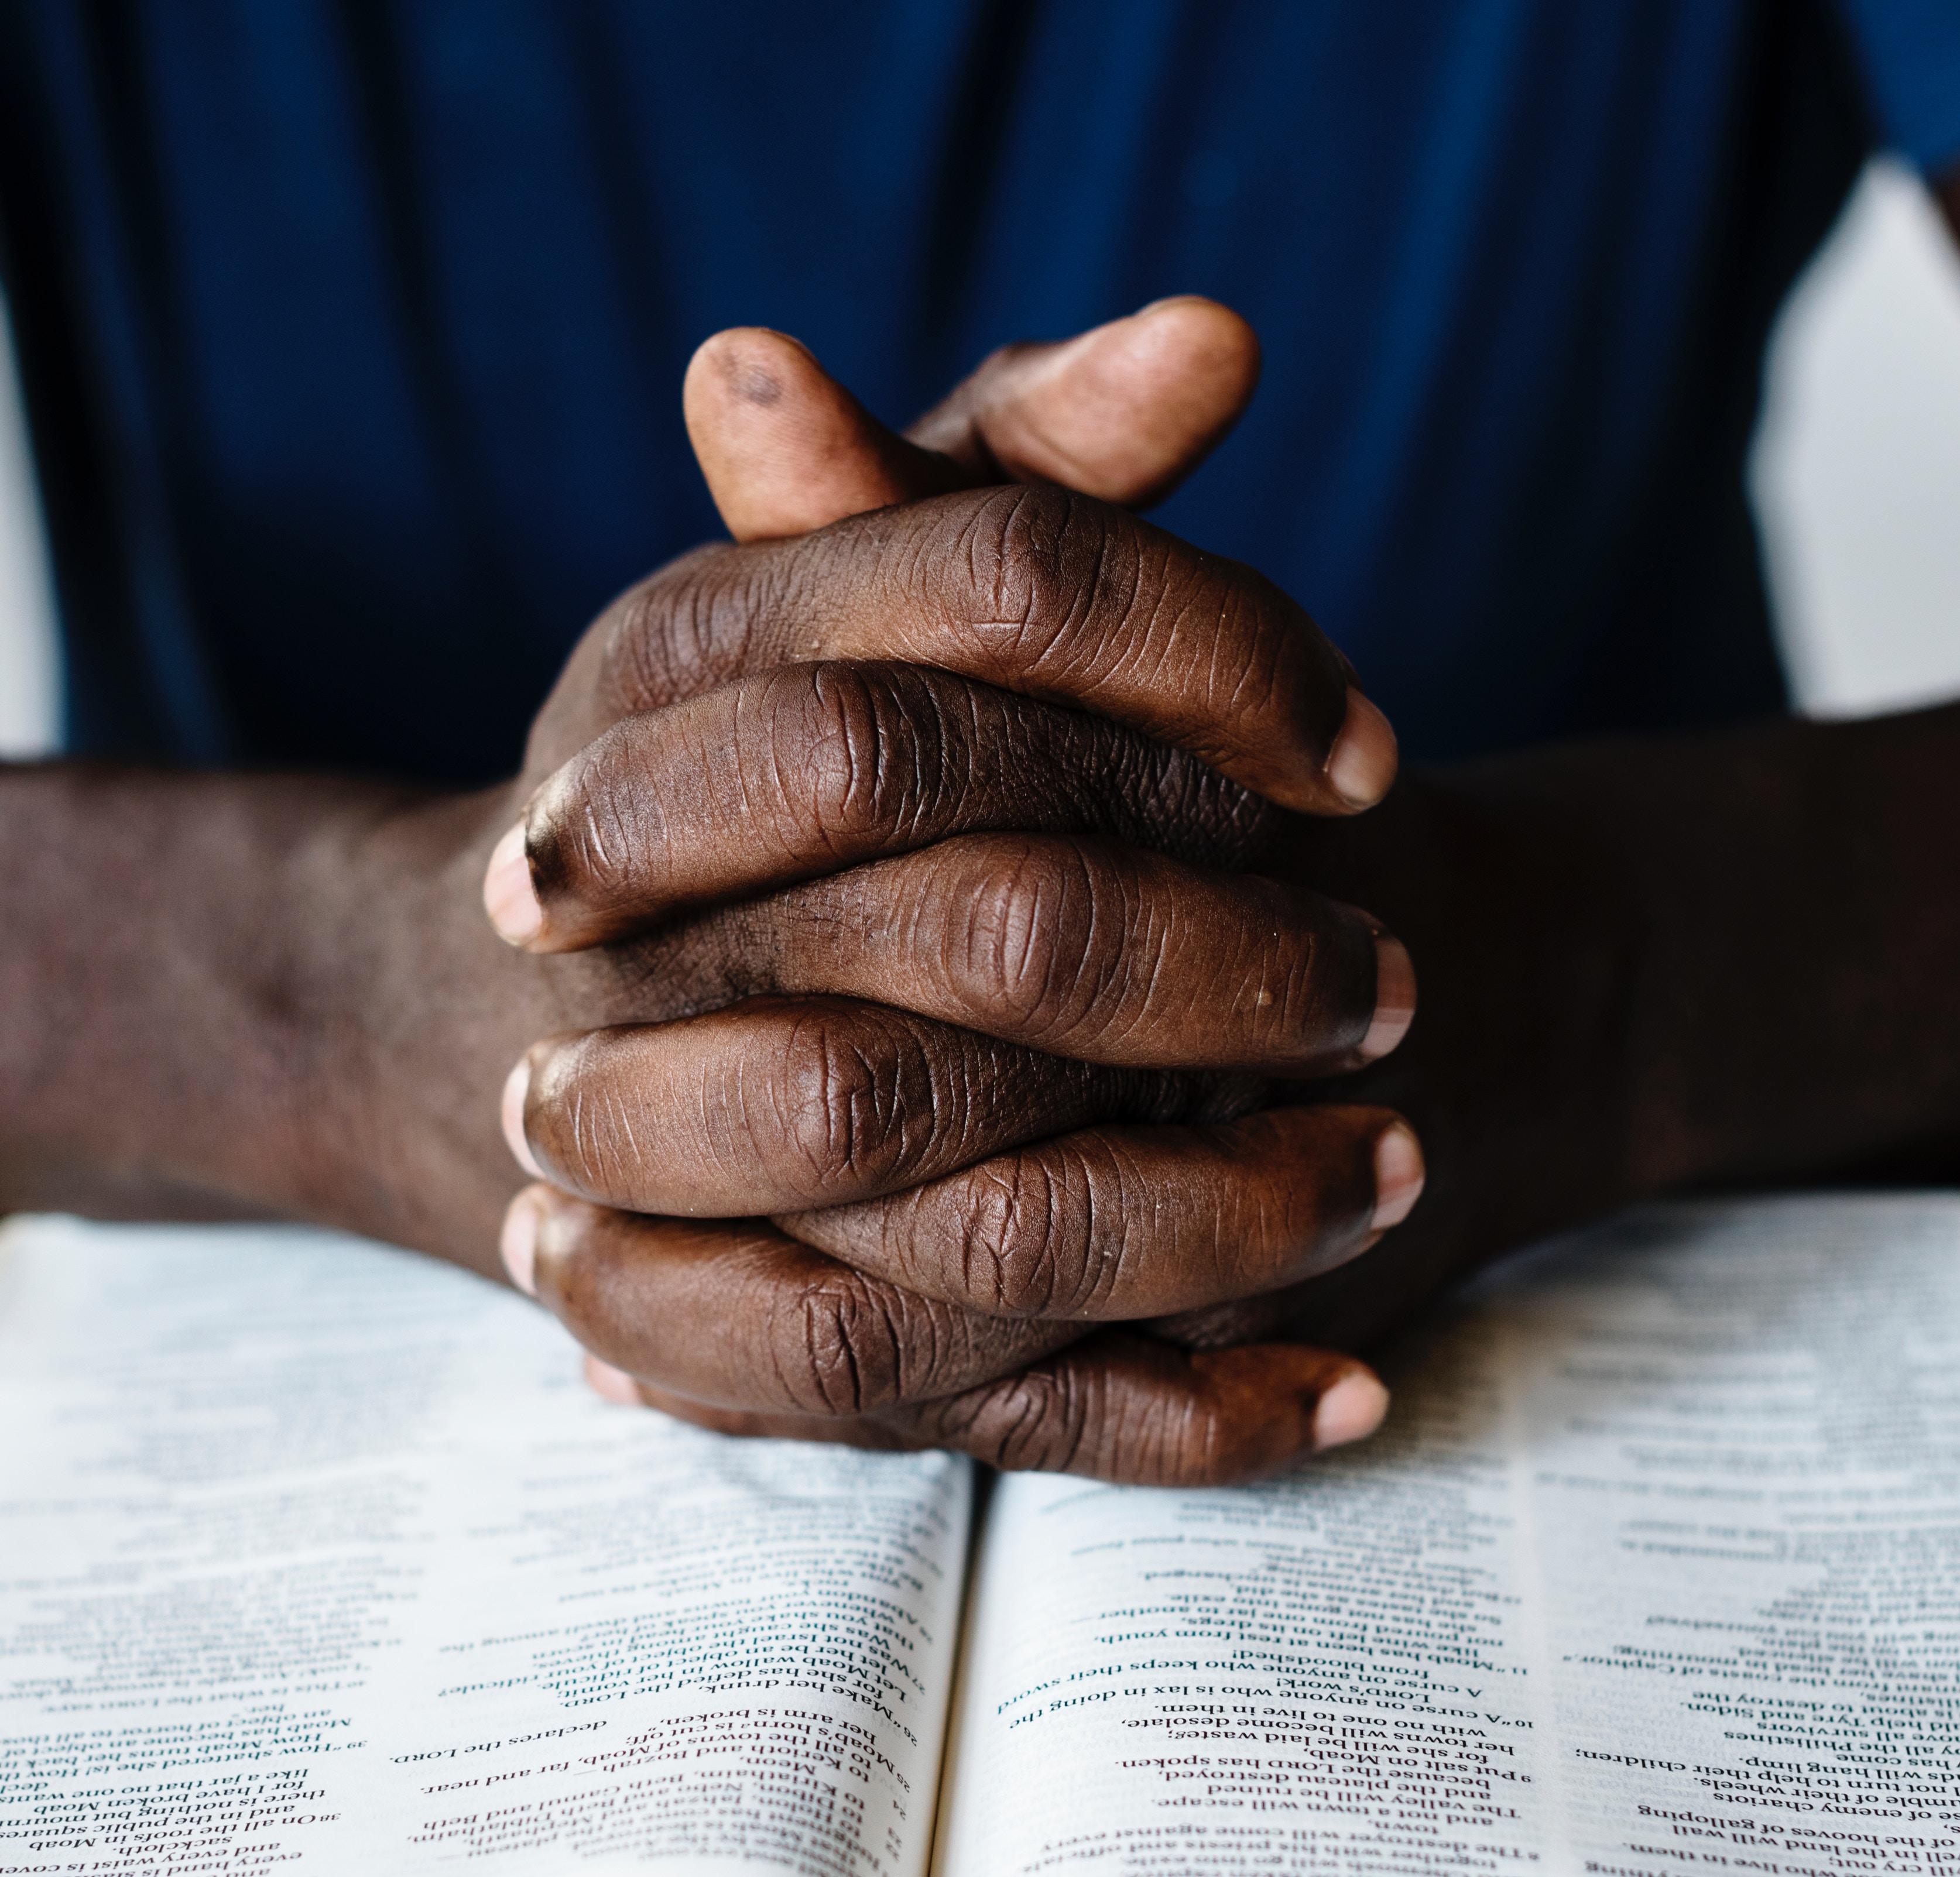 Join InterVarsity for the Collegiate Day of Prayer